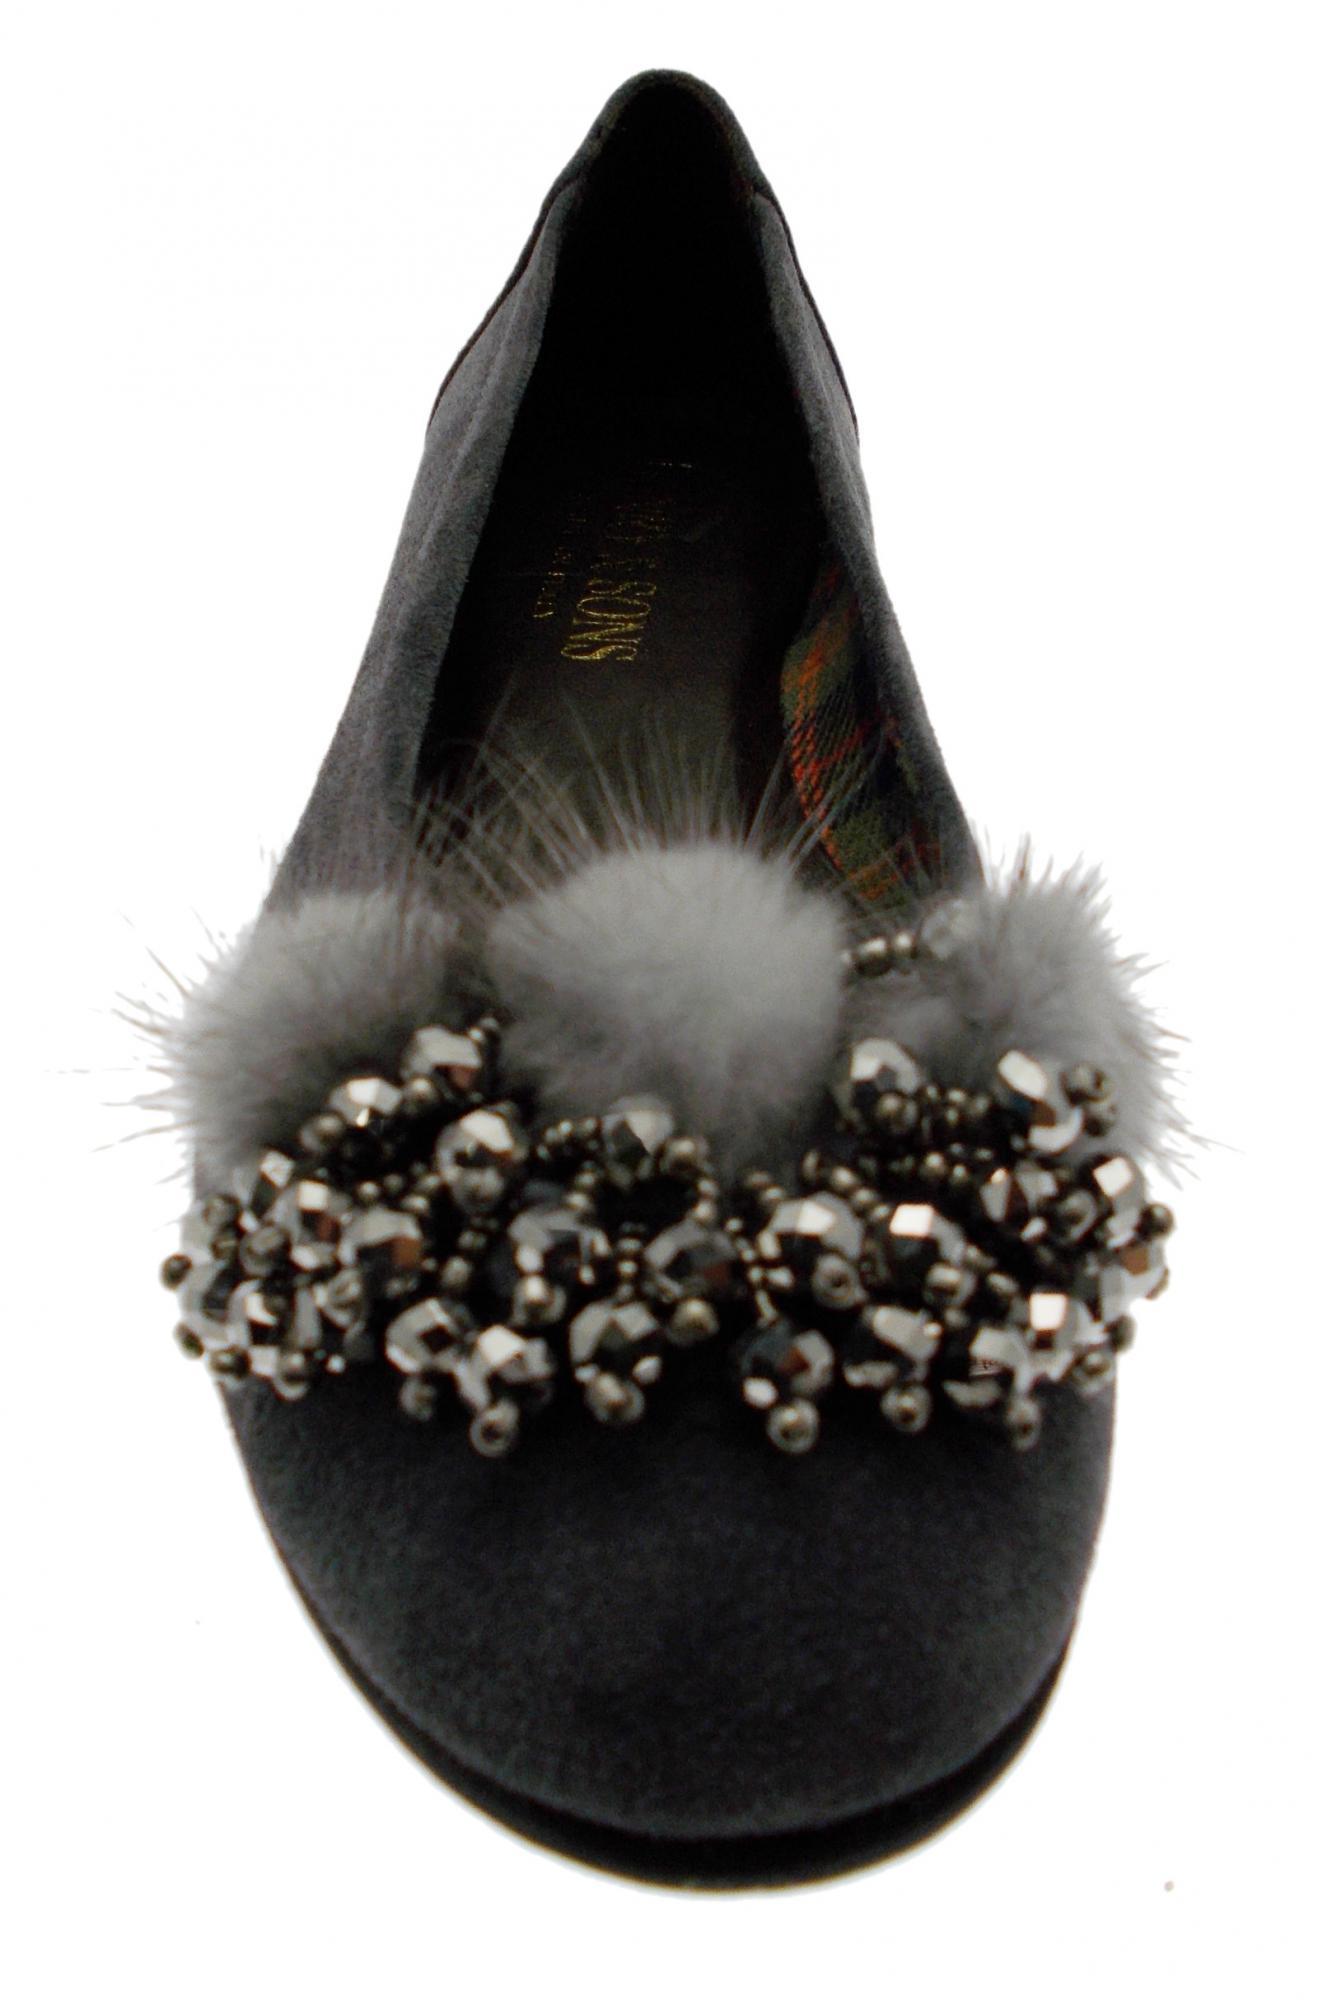 Paperina ballerina camoscio grigio visone art 3493 3493 3493 Calzaturificio R.P 9cf22c